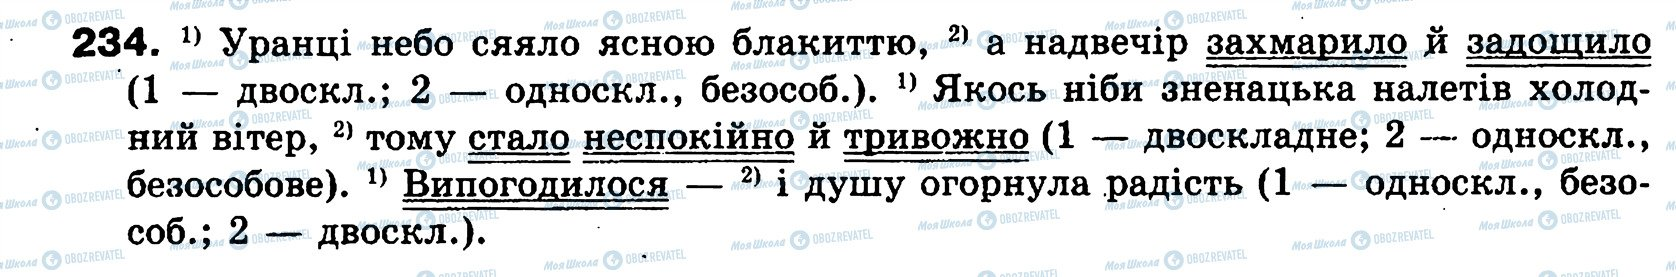 ГДЗ Українська мова 8 клас сторінка 234